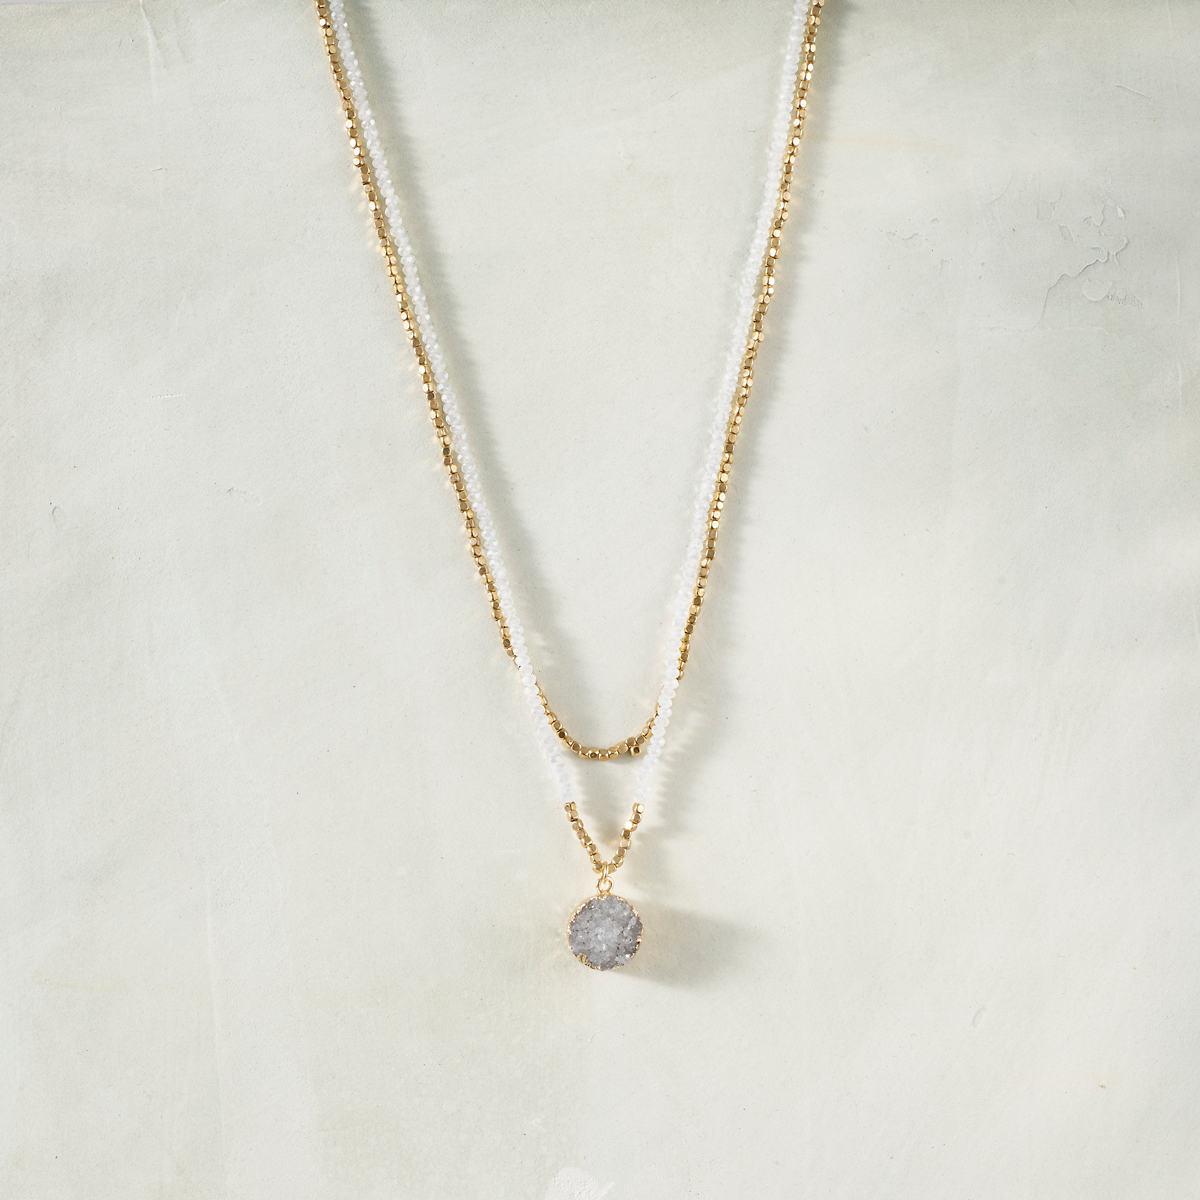 Claudette White Opal Necklace